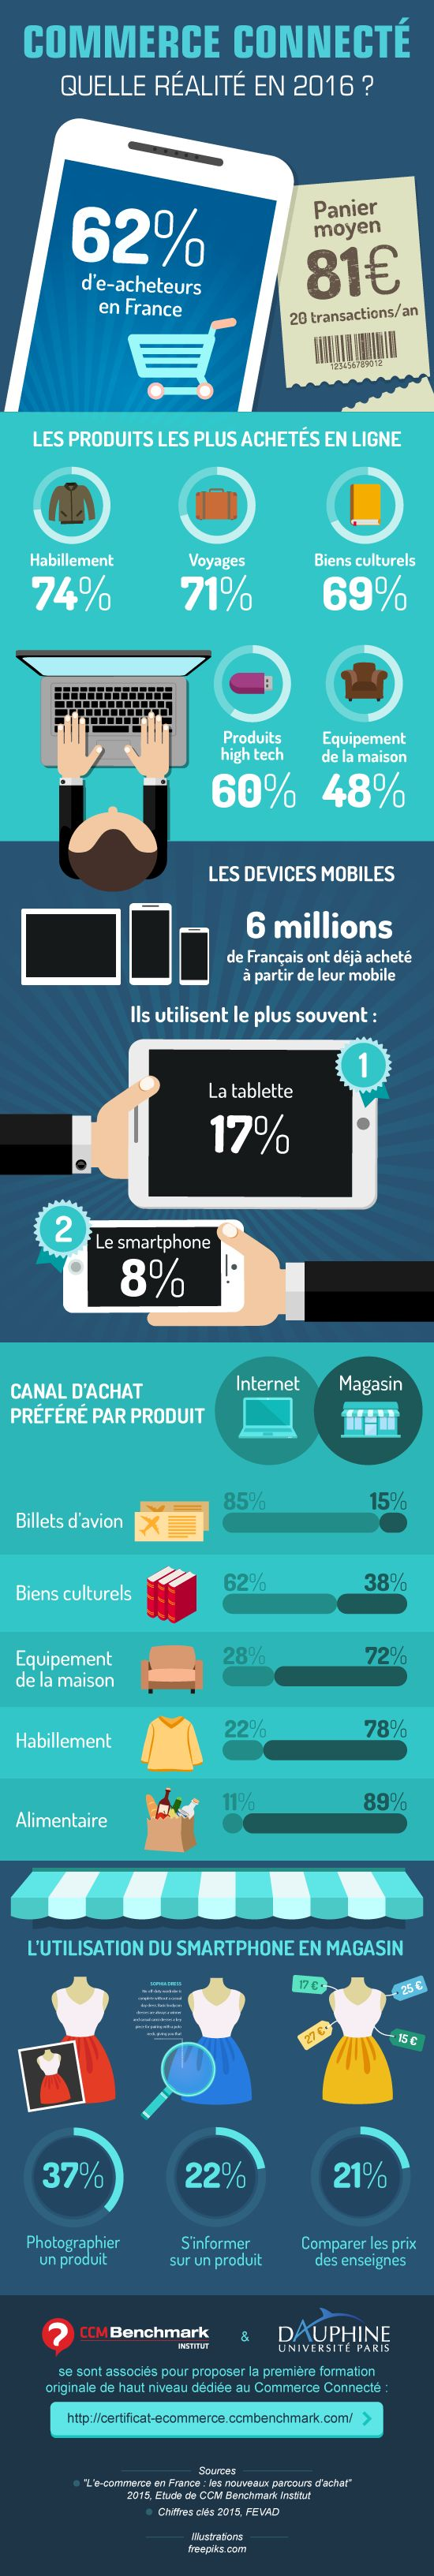 Réalisée en 2016 par CCM Benchmark Institut et l'Université Paris Dauphine, cette infographie décrypte les principales tendances en matière de commerce connecté. Produits les plus achetés en ligne, paniers moyens, devices utilisés, canal d'achat… les principaux indicateurs du commerce connecté sont passés au crible.